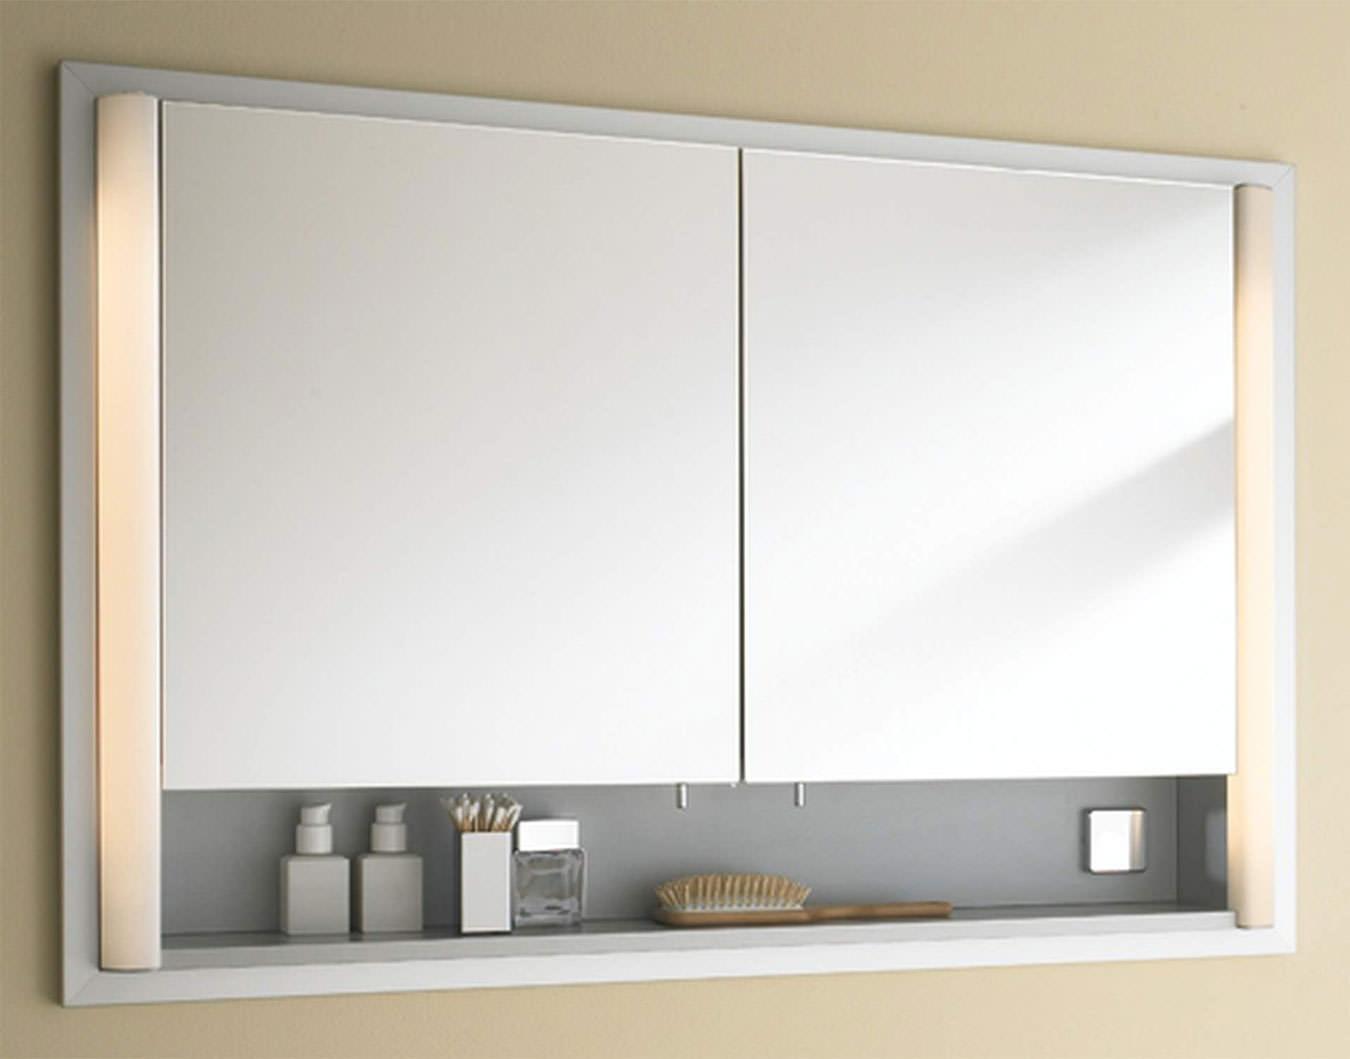 Duravit 600mm 2 Door Built In Mirror Cabinet With Open Shelf - LM9705